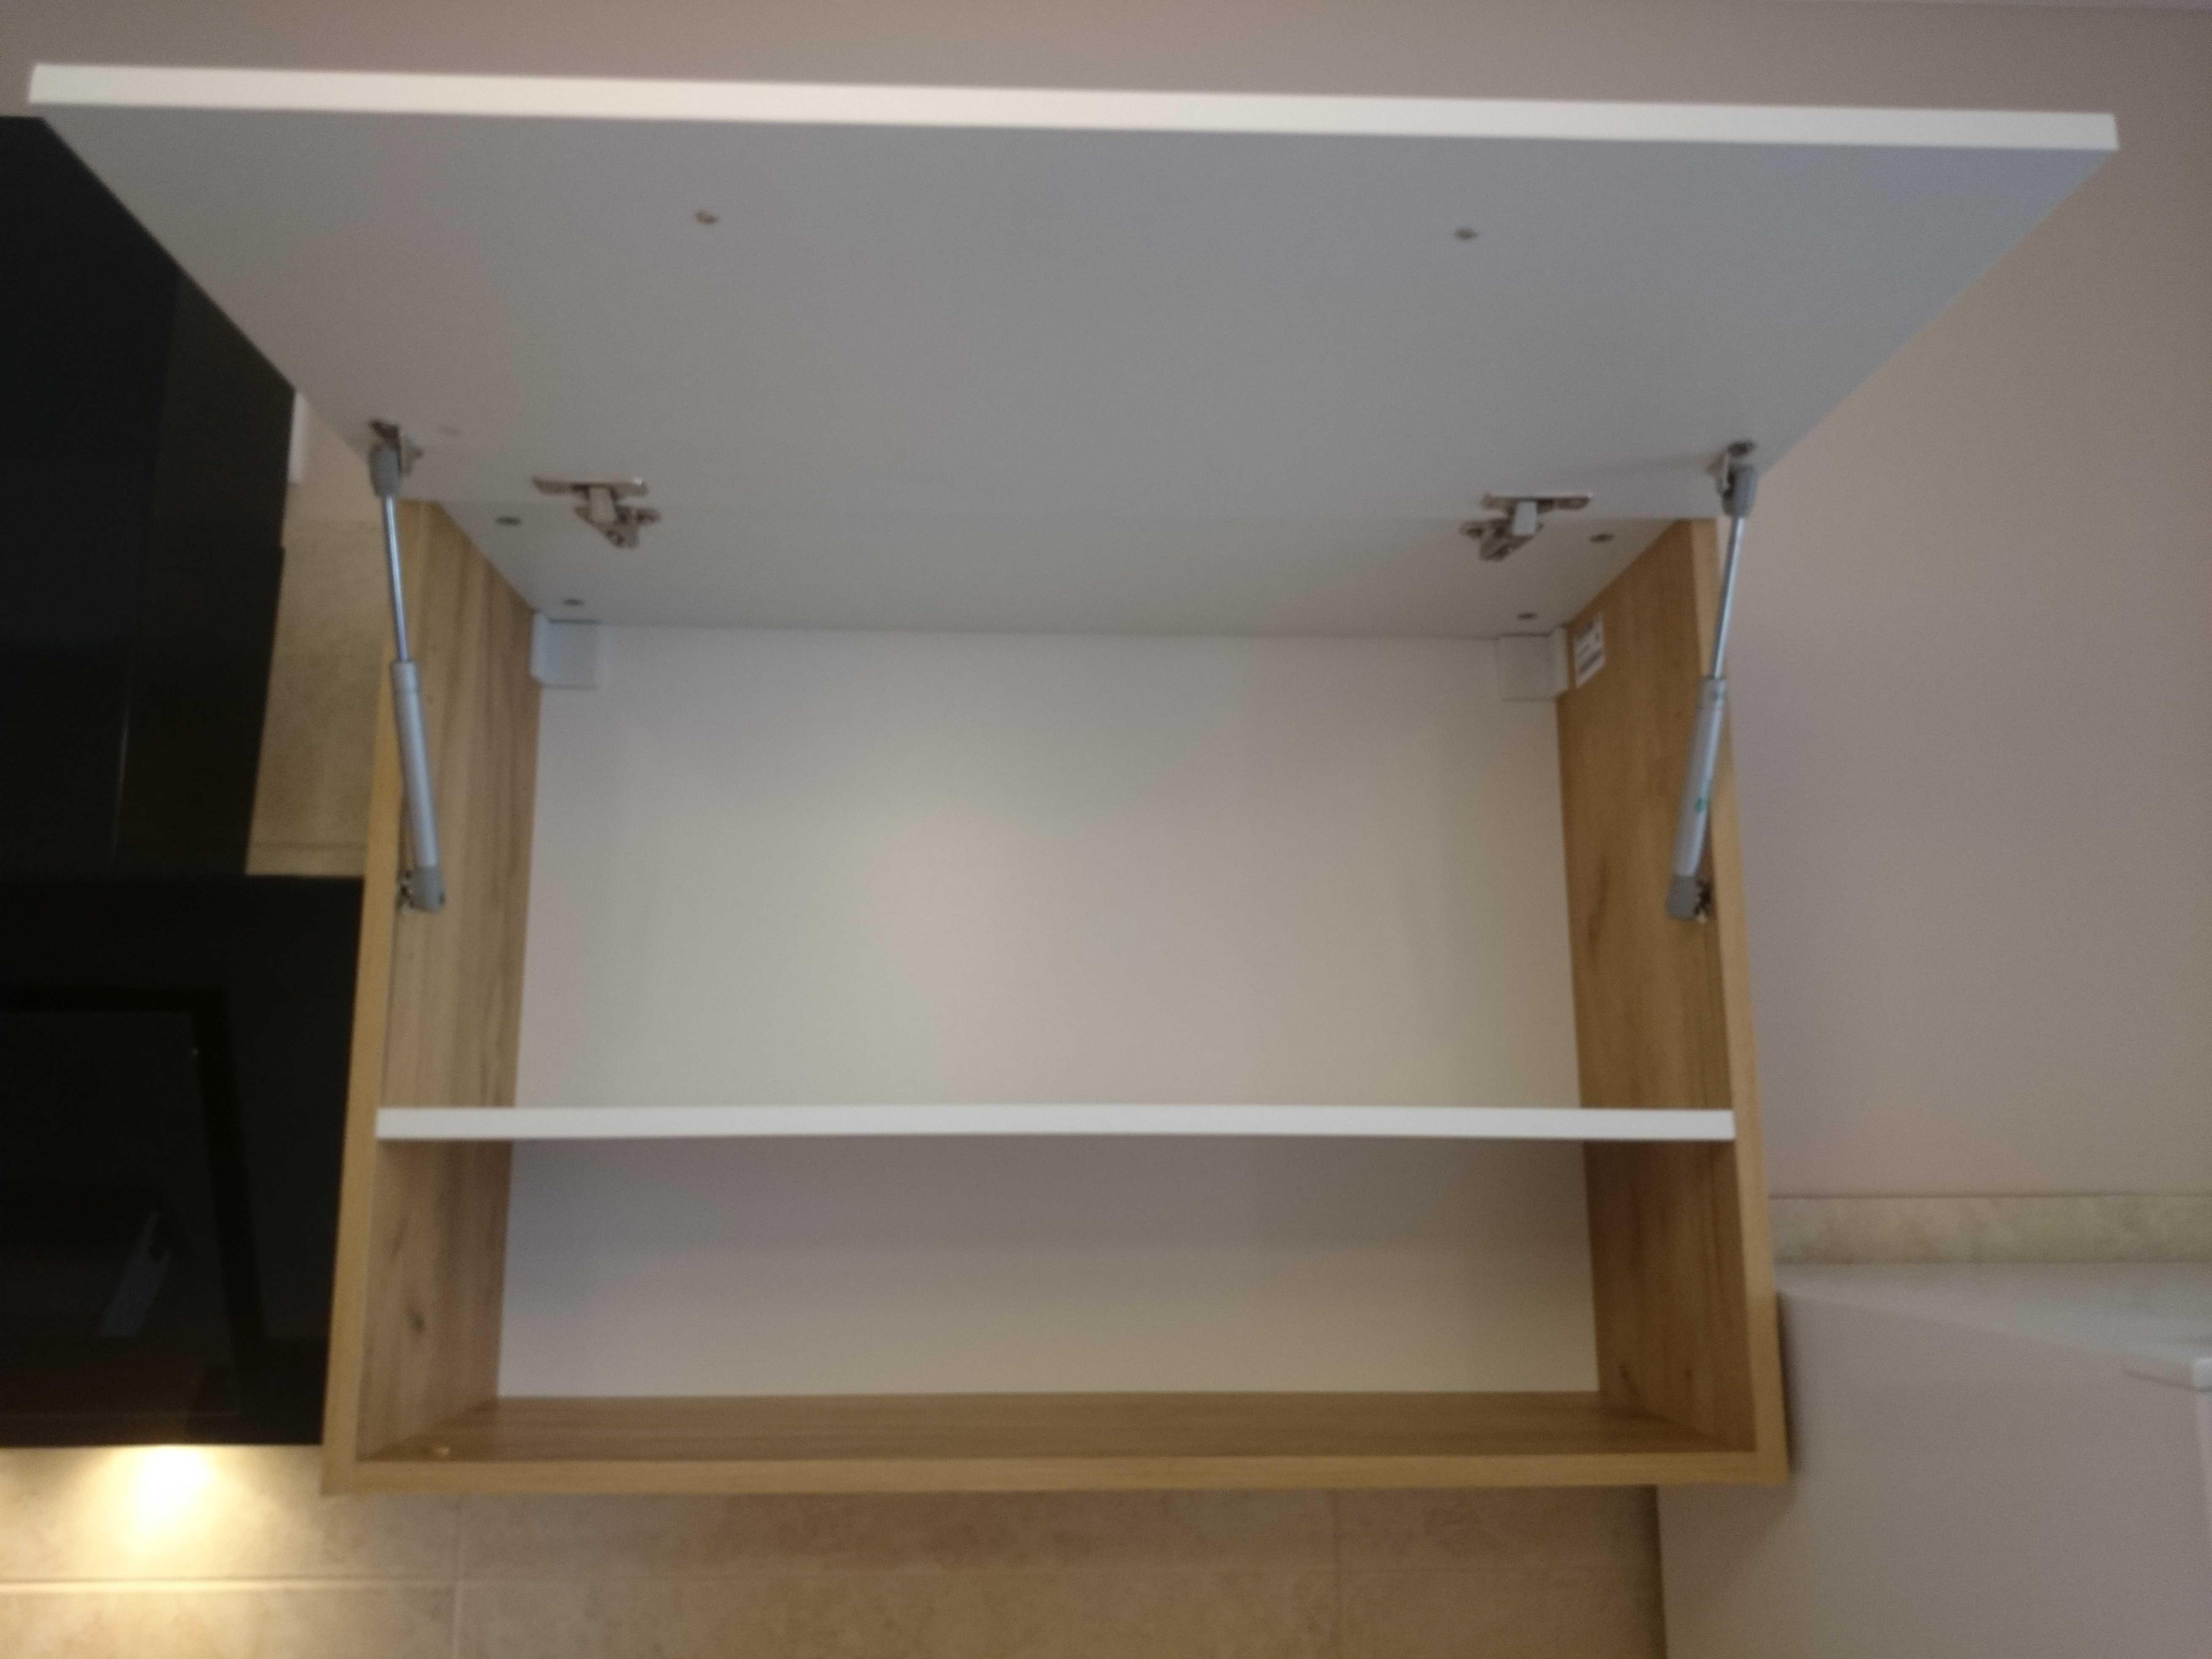 składanie mebli kuchennych z instalacją AGD i podbiciem gwarancji - Kraków